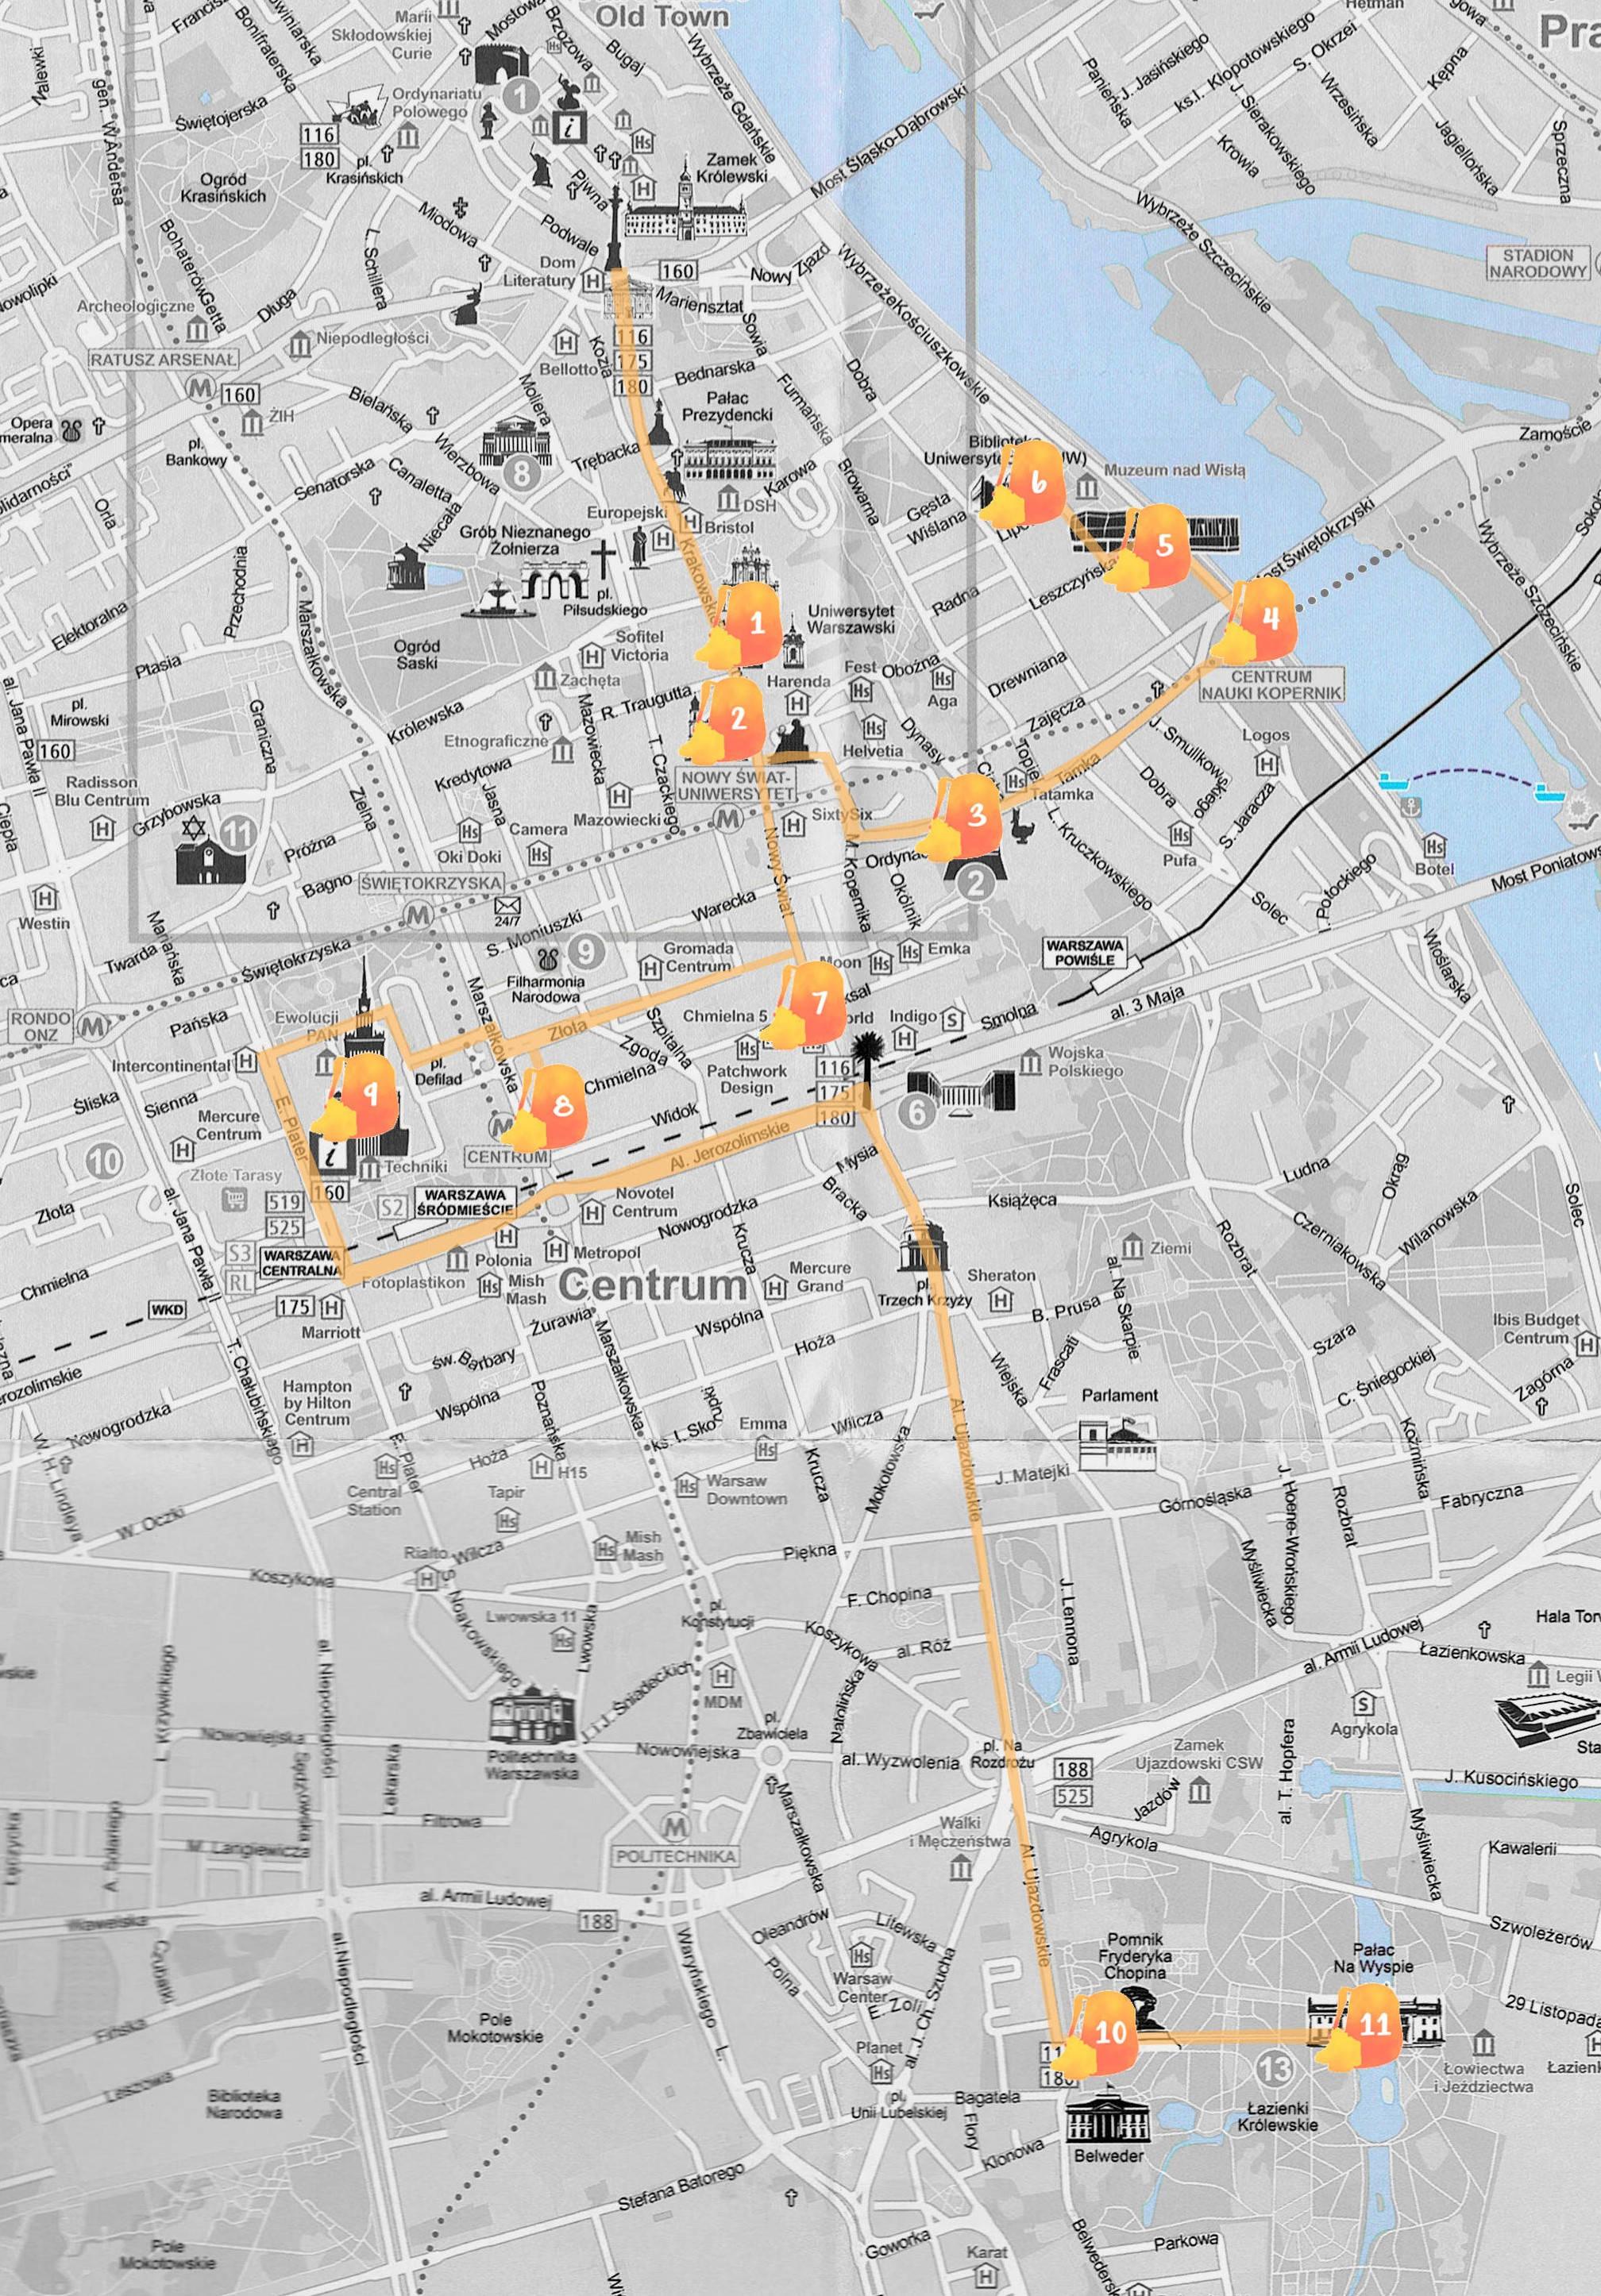 Mapa con la ruta que seguimos señalada